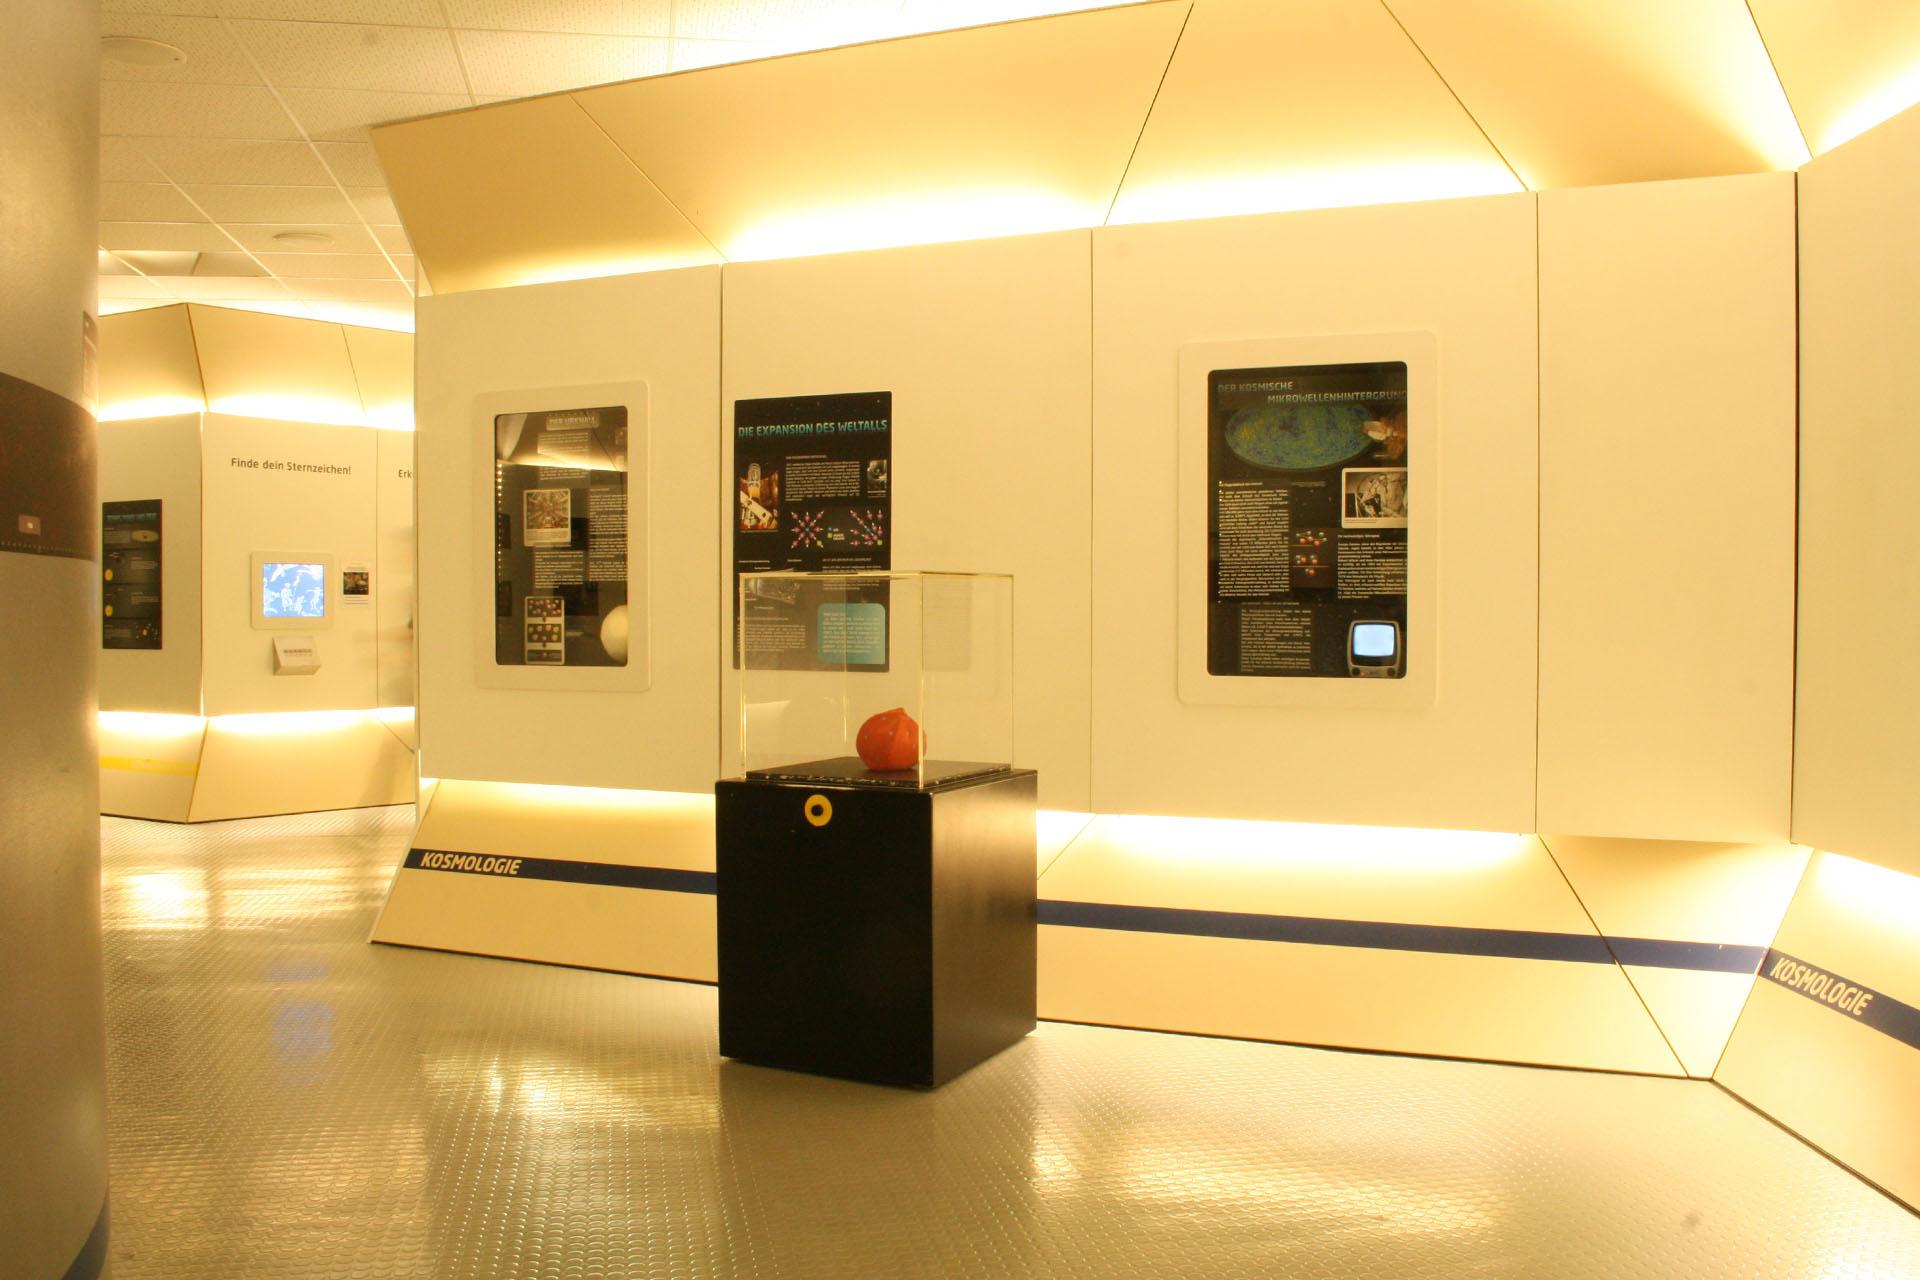 sensapolis-indoor-attraktionen-weltraumausstellung-freizeitpark-stuttgart-sindelfingen-4